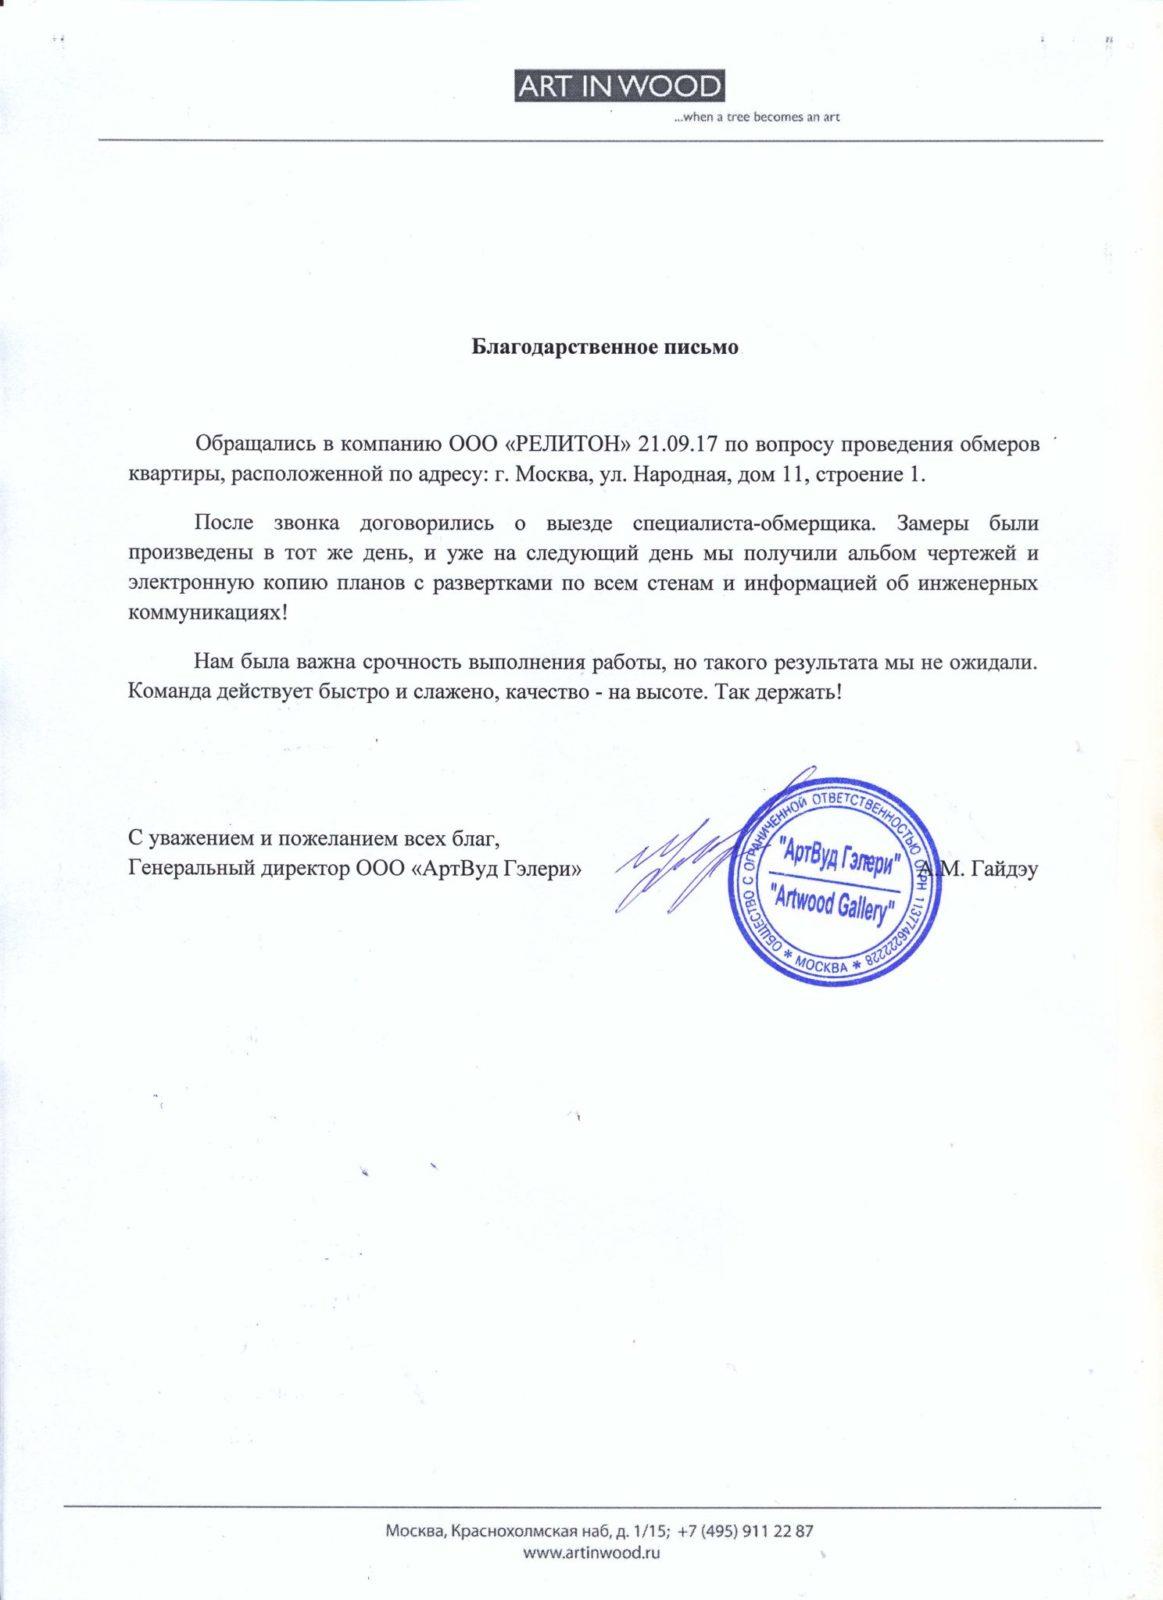 Otzyv-o-sotrudnichestve-s-kompaniej-reliton-ot-kompanii-art-in-wood.jpg